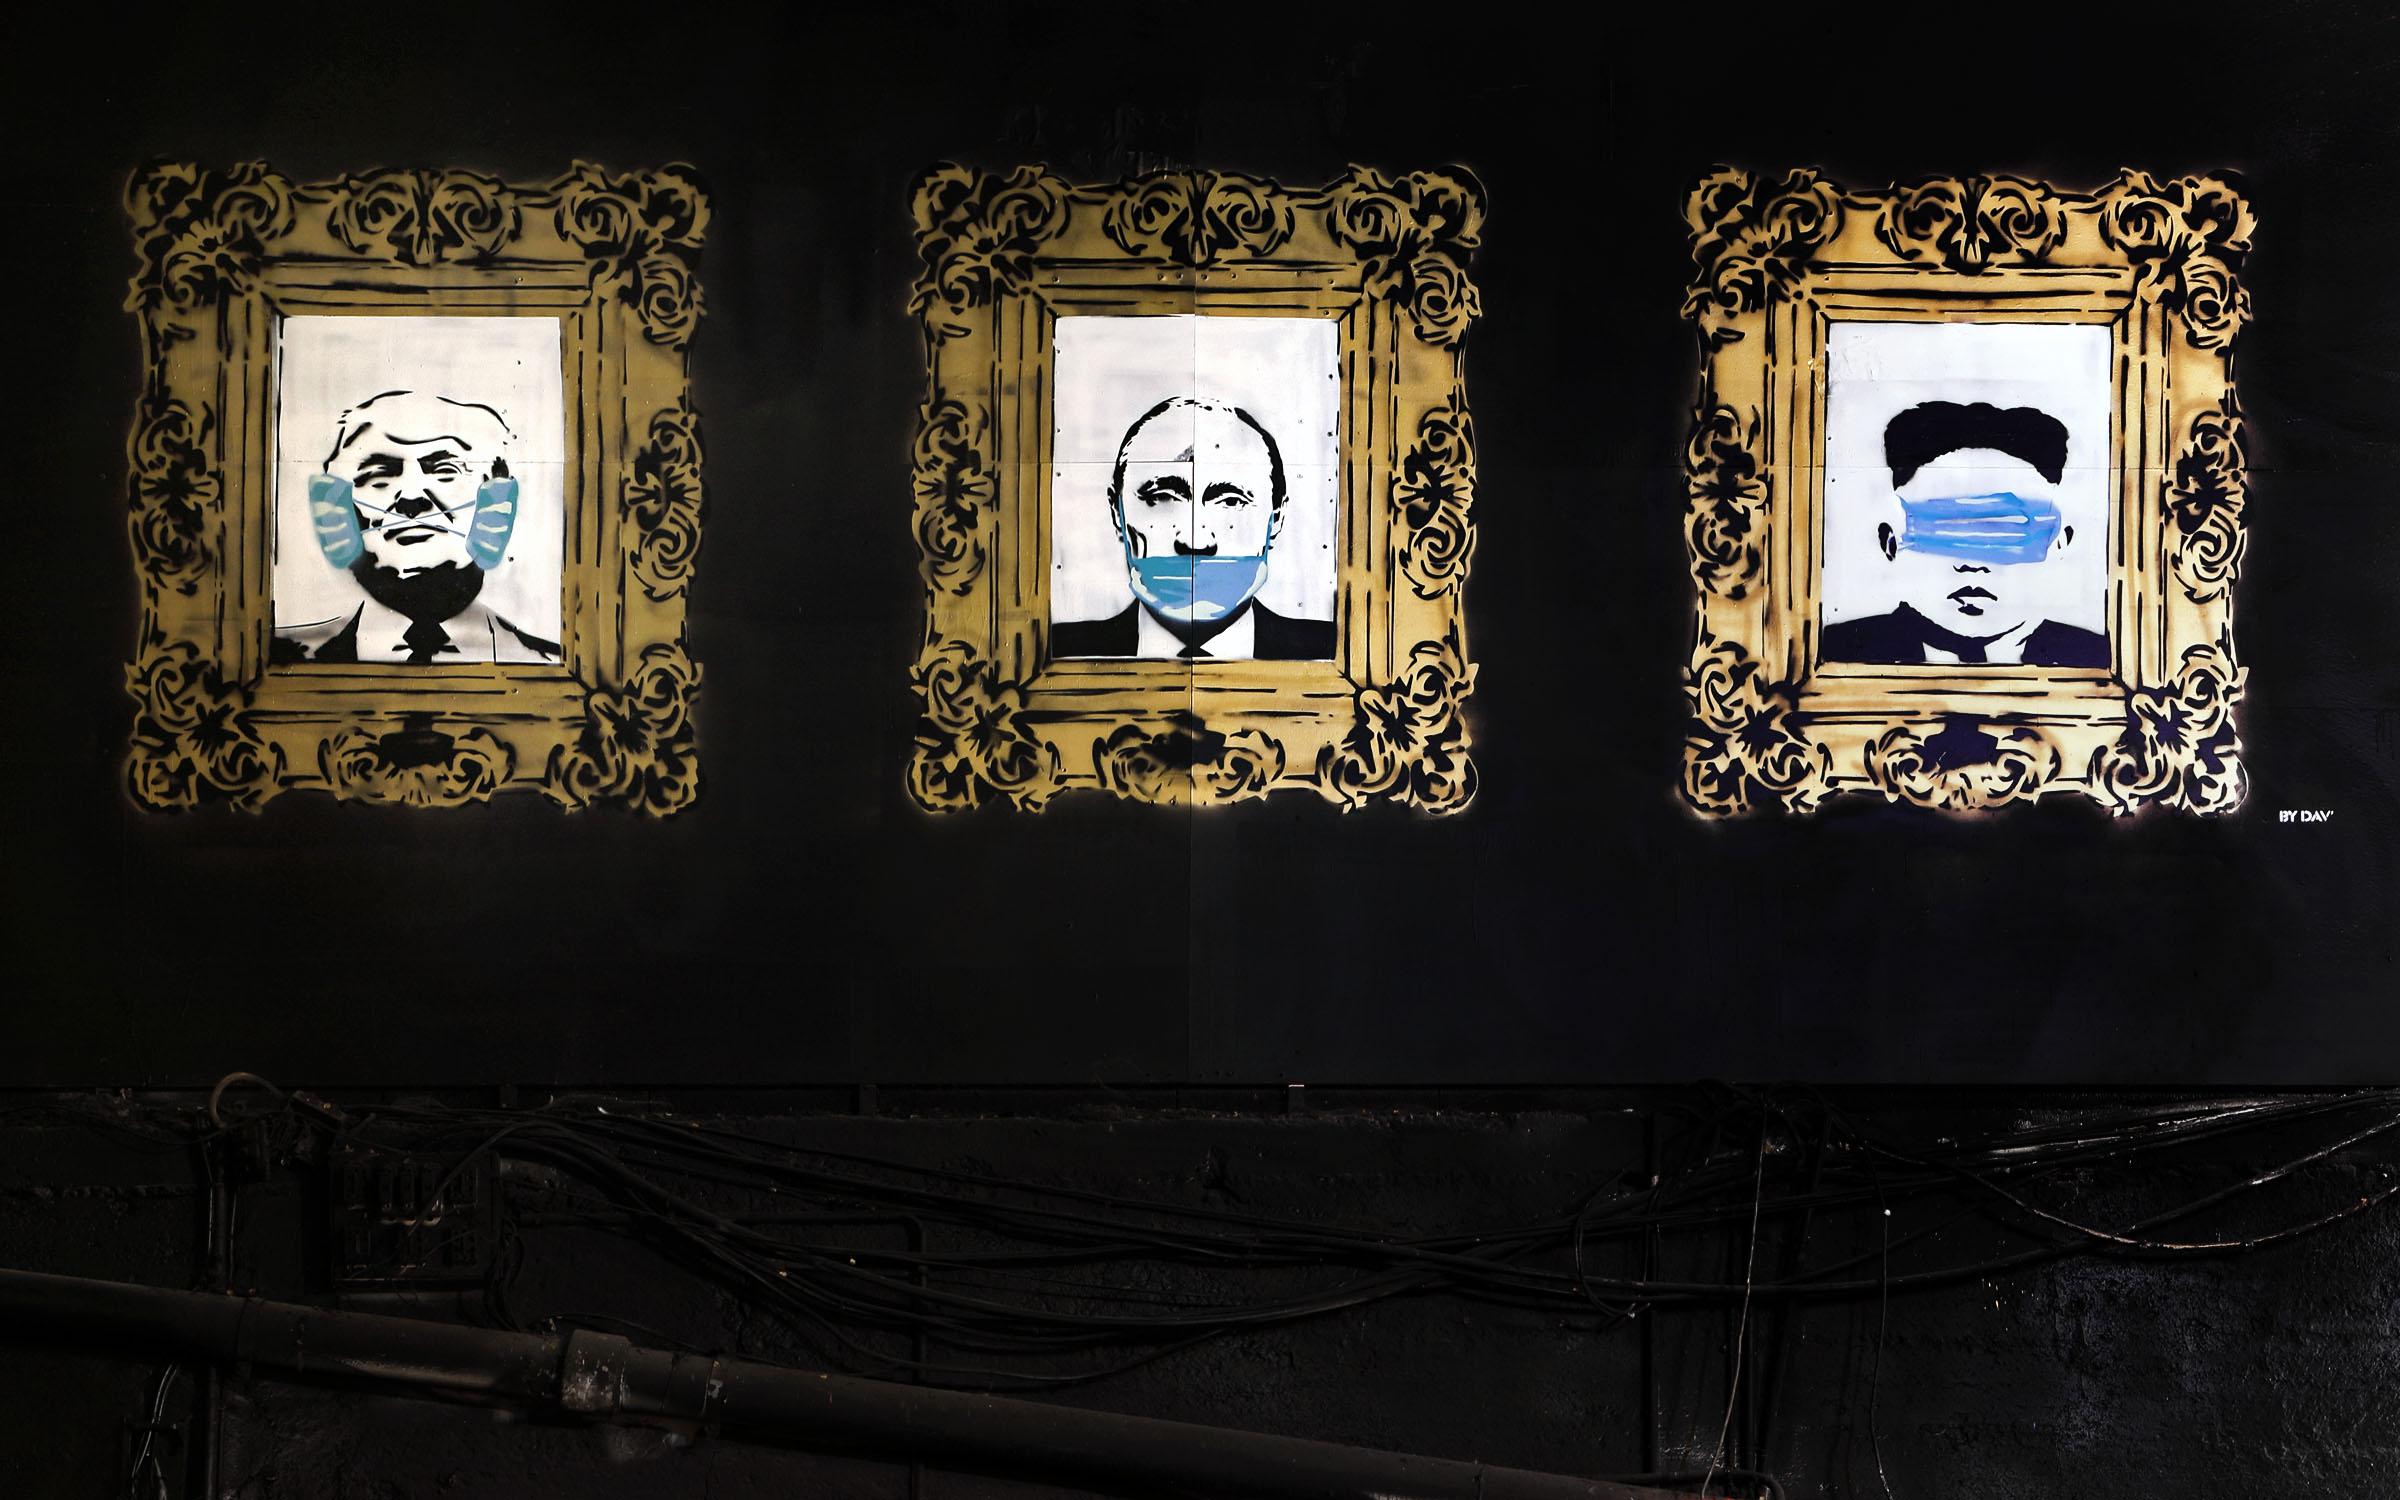 LHH-Peinture-Fraiche-Festival-2020-by-Dav-portraits